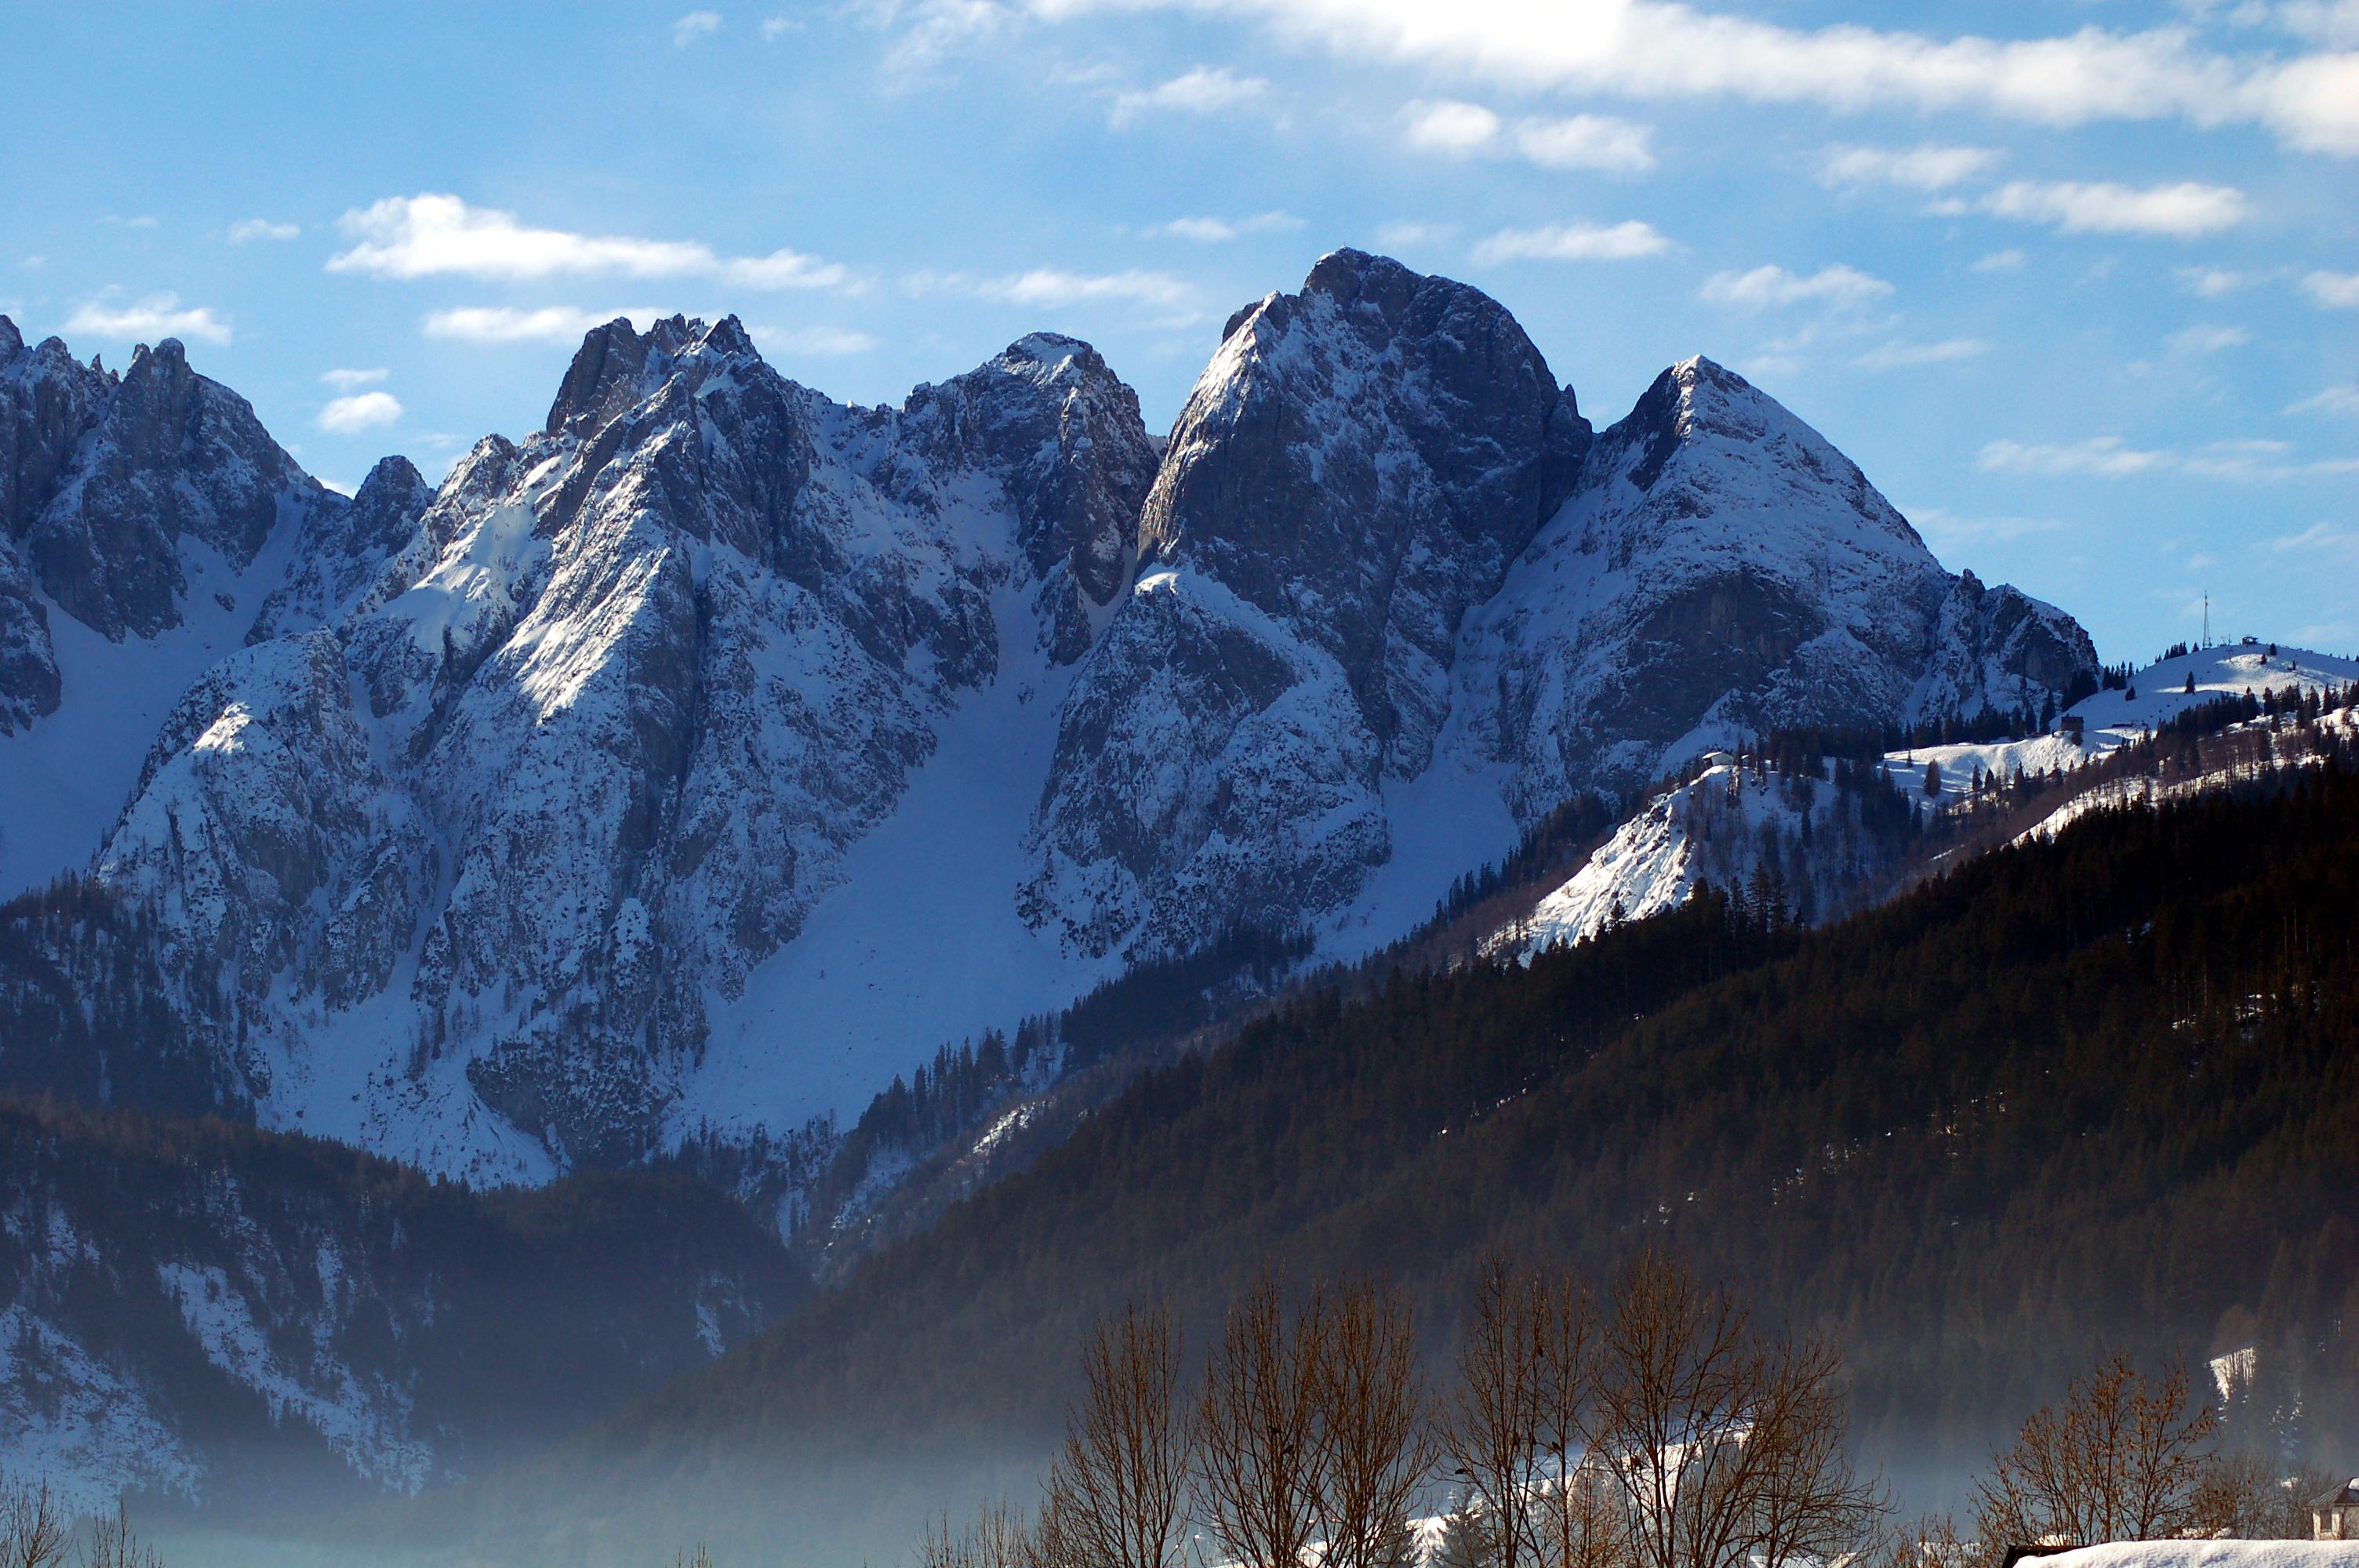 Klettersteig Donnerkogel : Klettersteige mit fantastischem bergpanorama und seenblick